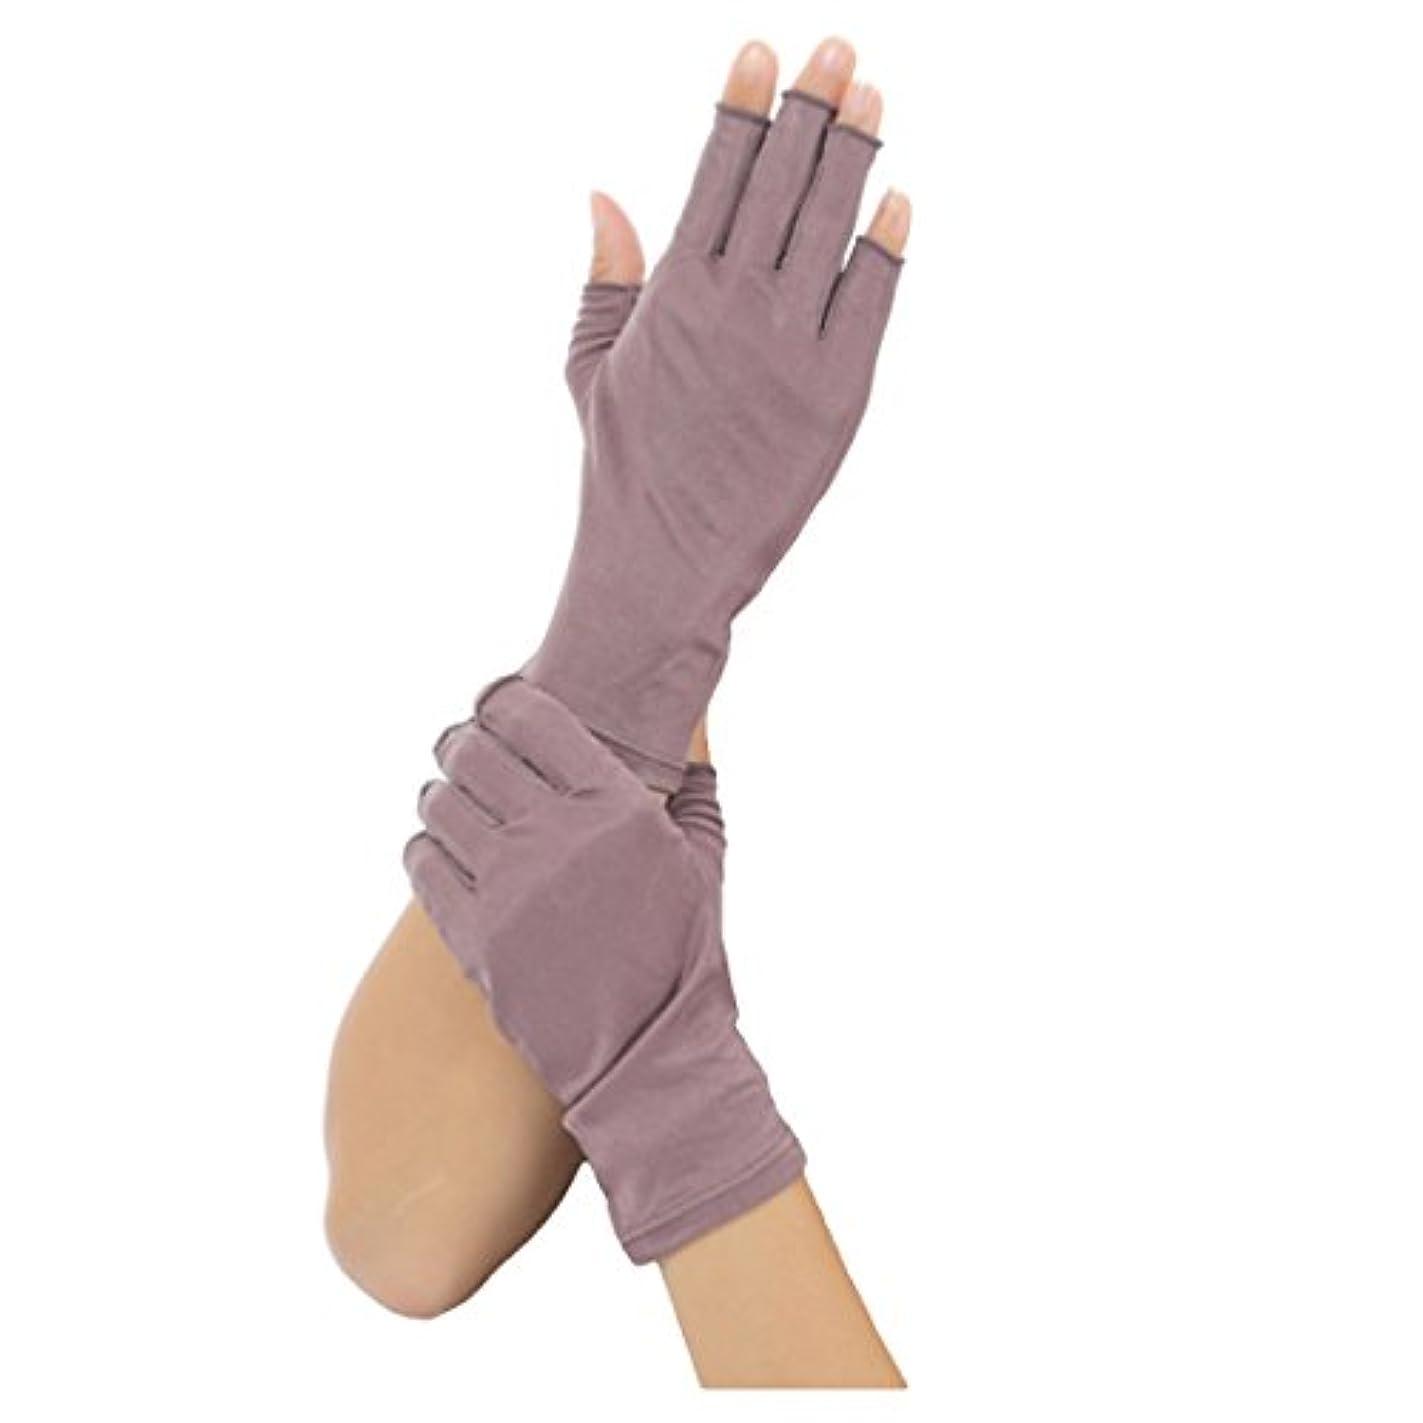 料理予測する飲料Silk 100% シルク 手袋 指先カット タイプ 薄手 オールシーズンOK 外出時の 紫外線 UV 対策 スマホ PC 操作 や ICカード 取り出しもらくらく! 手首 ゆったり おやすみ フィンガーレス スキンケア...